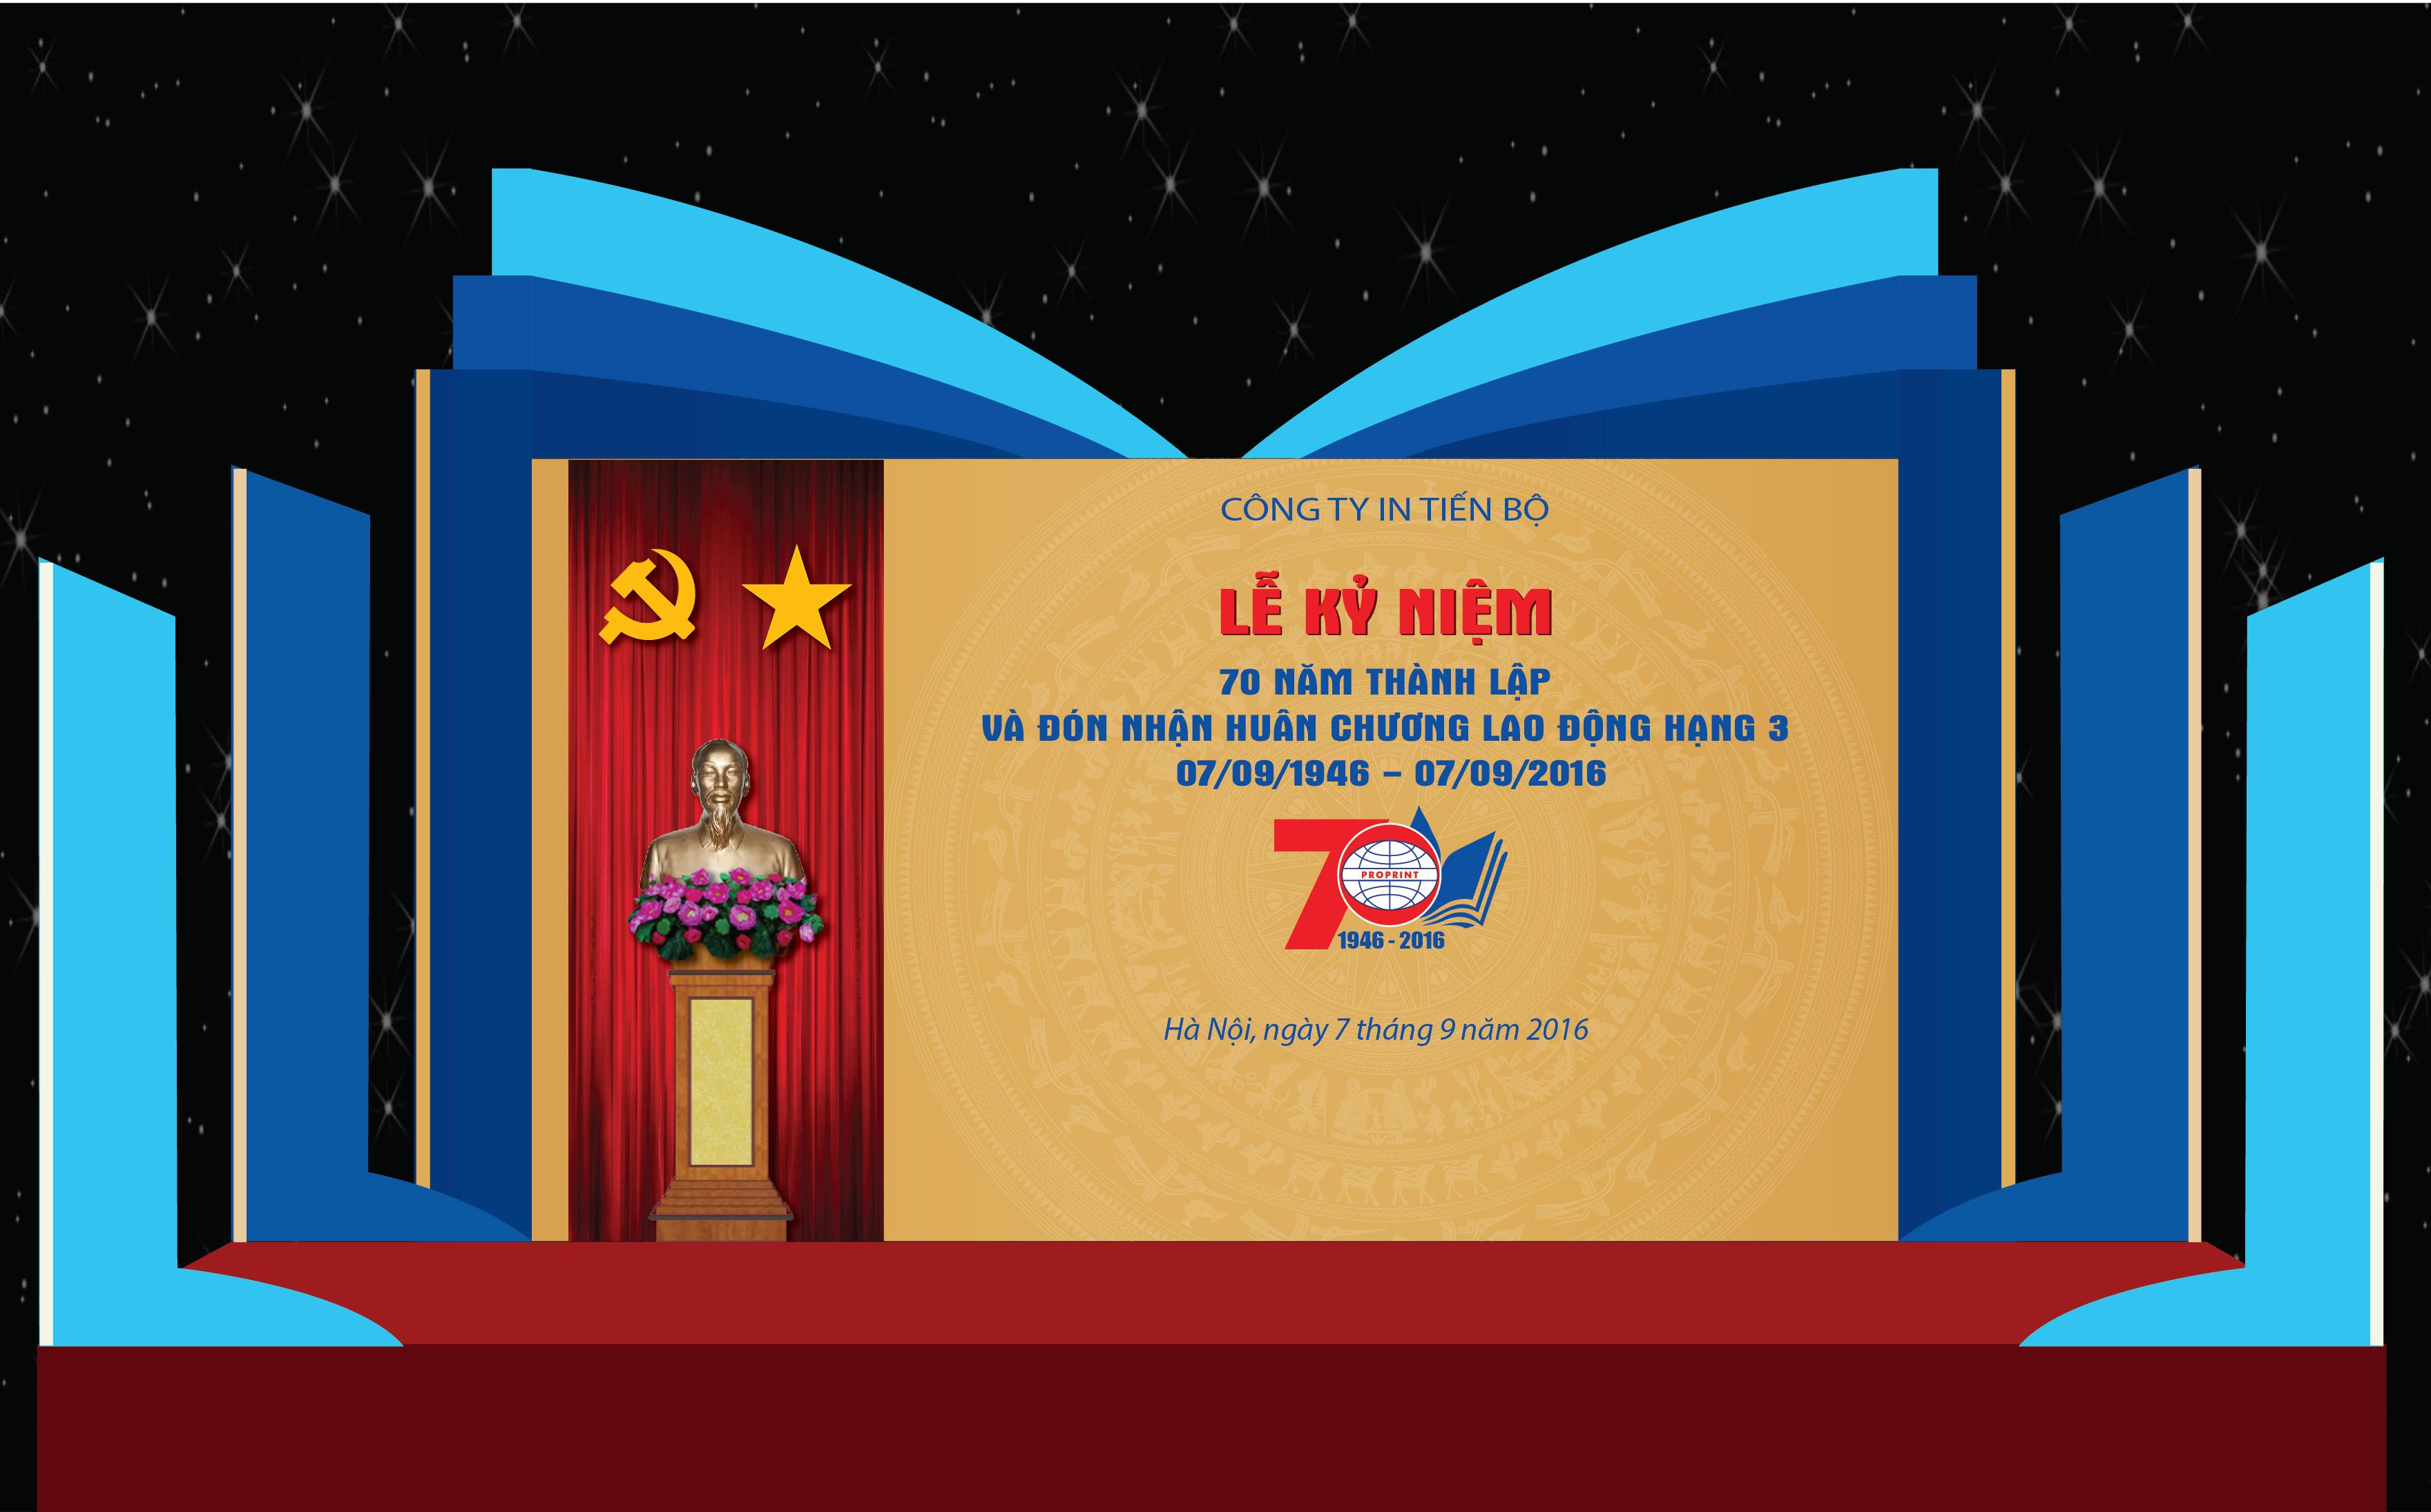 Lễ kỷ niệm công ty In Tiến bộ